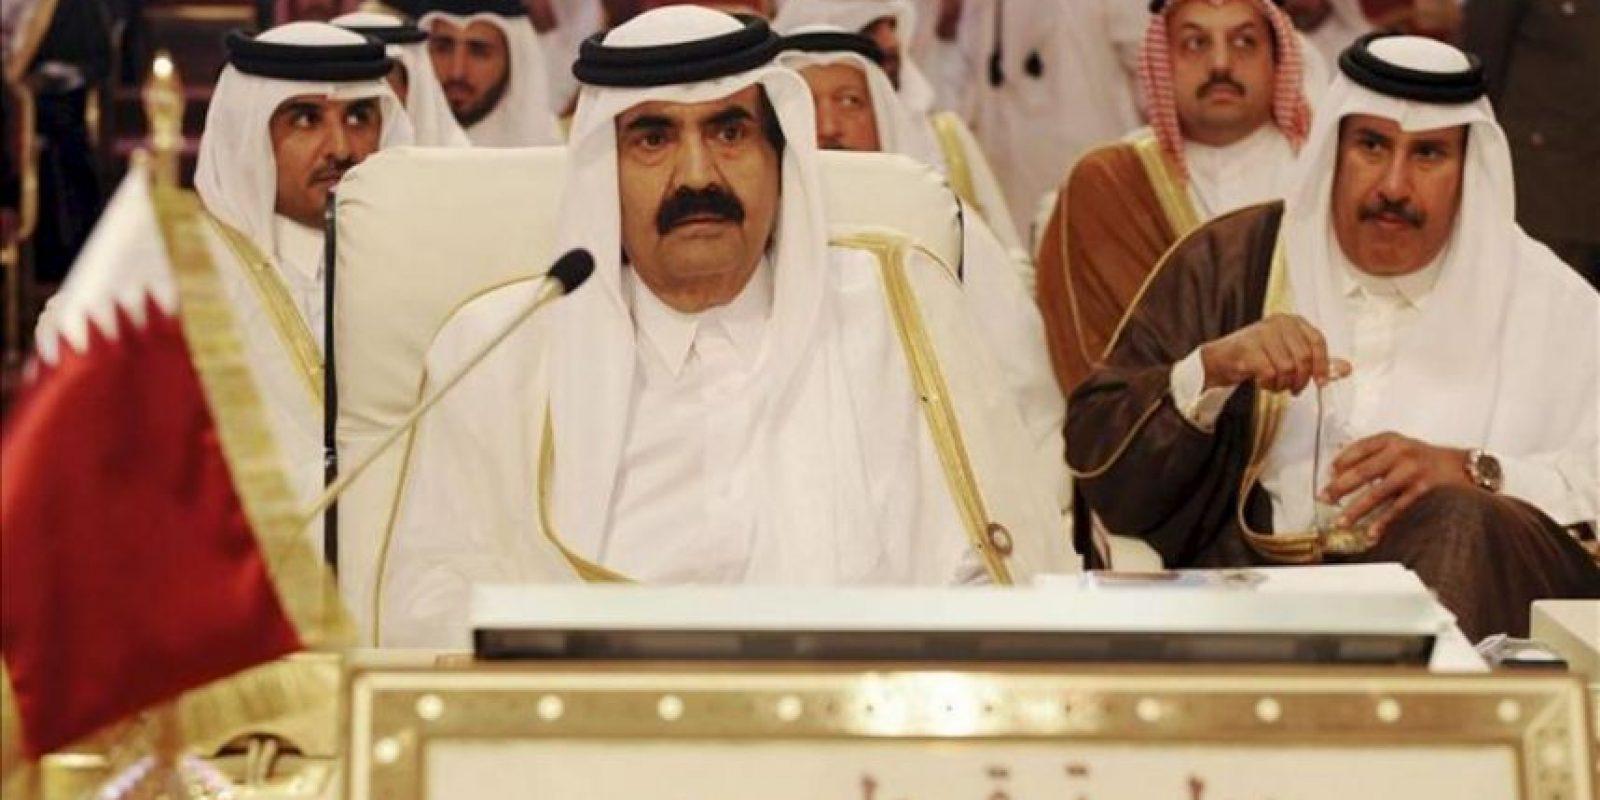 El emir de Catar, Hamid bin Jalifa al Zani, asiste hoy a la inauguración de la cumbre de la Liga Árabe en Doha. EFE